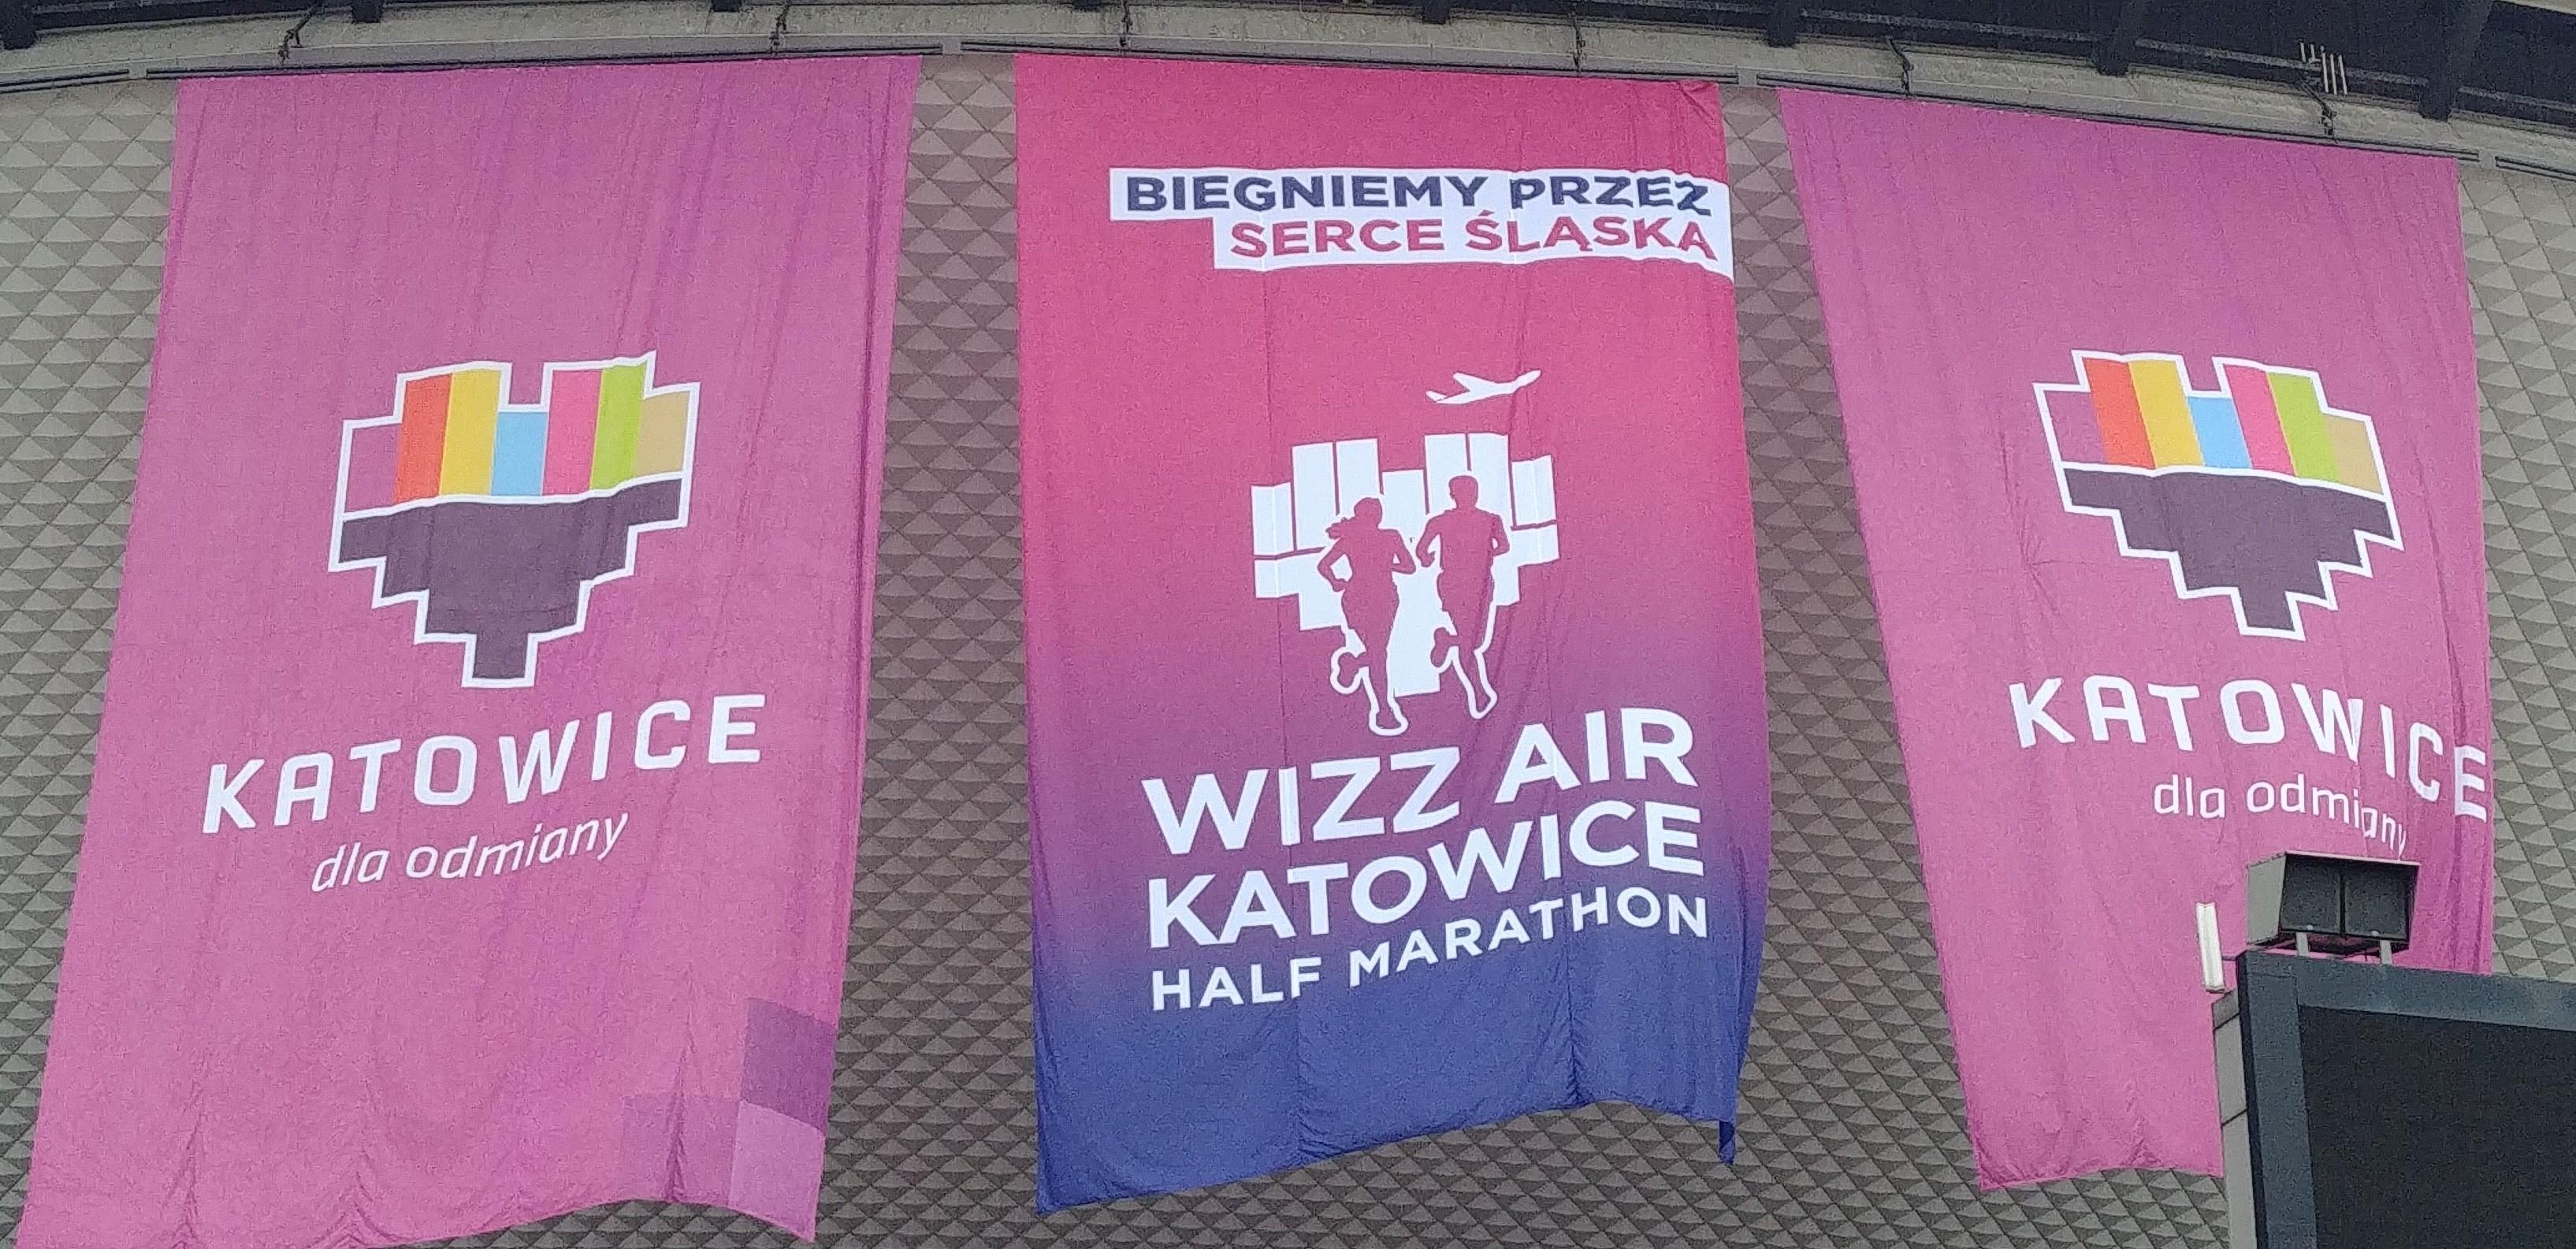 Wizz air Katowice Half Marathon - flagi i biegniemy przez serce śląska